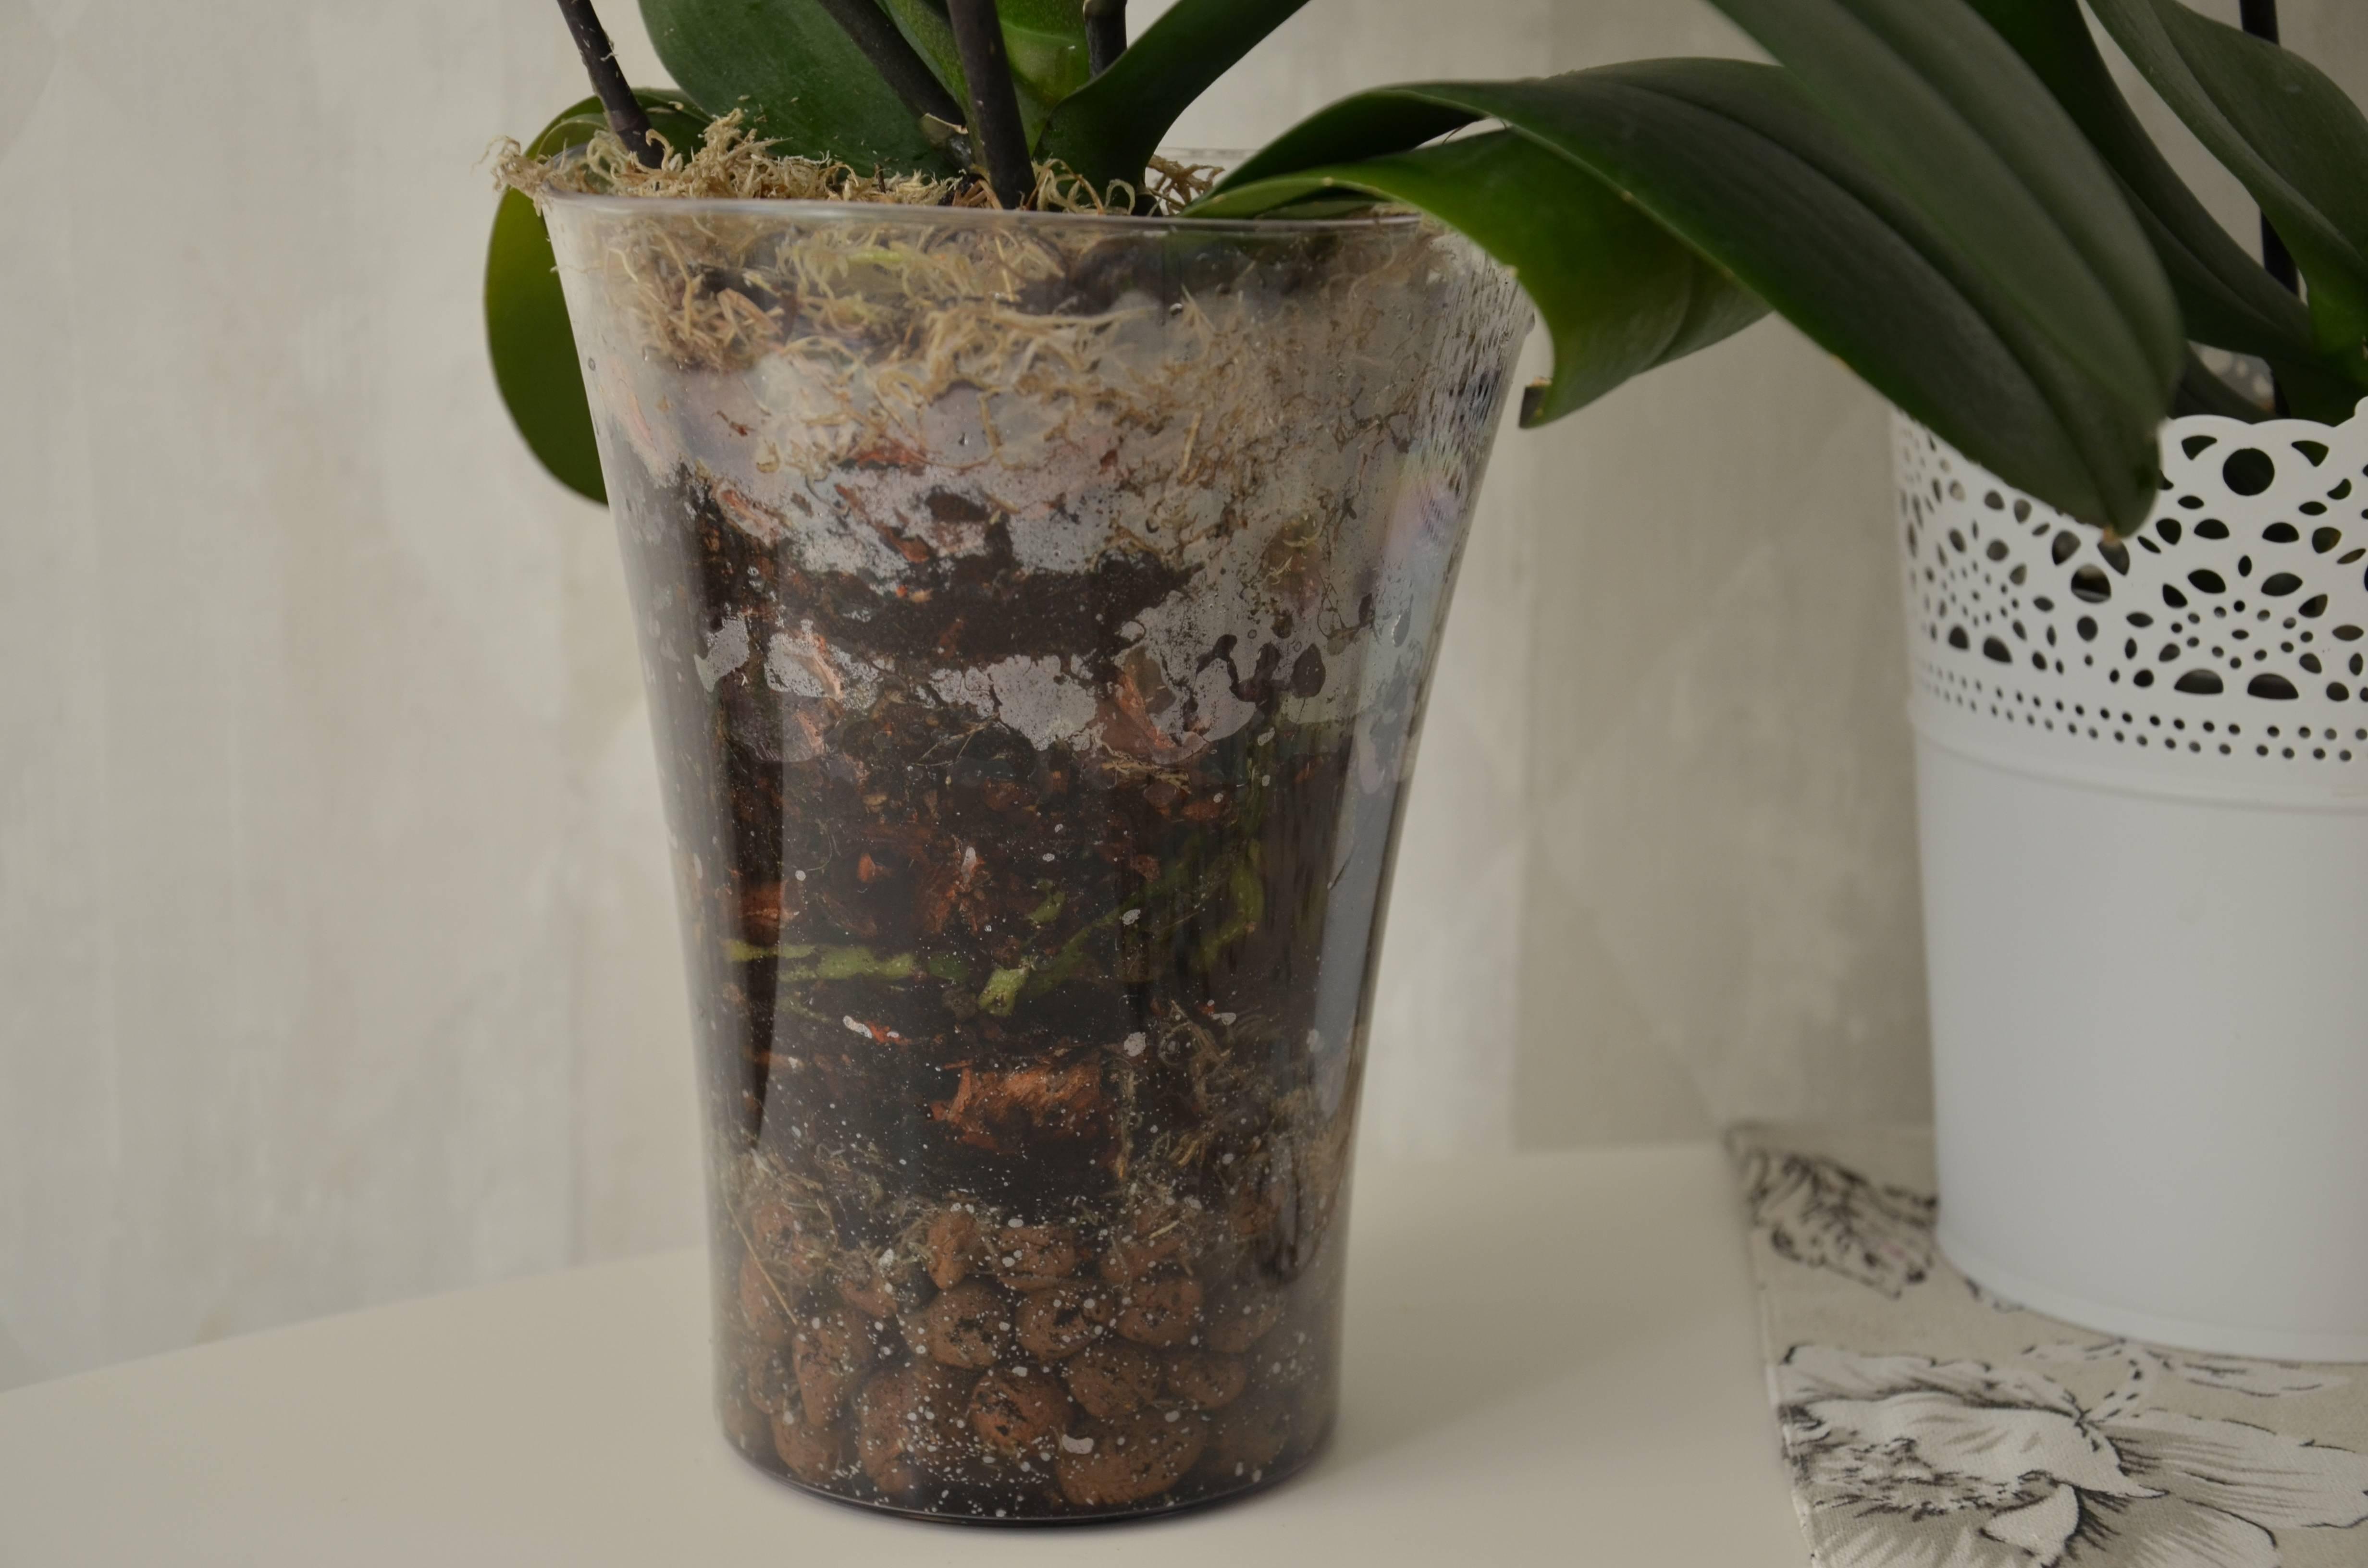 Главный вопрос: во что можно сажать орхидею?